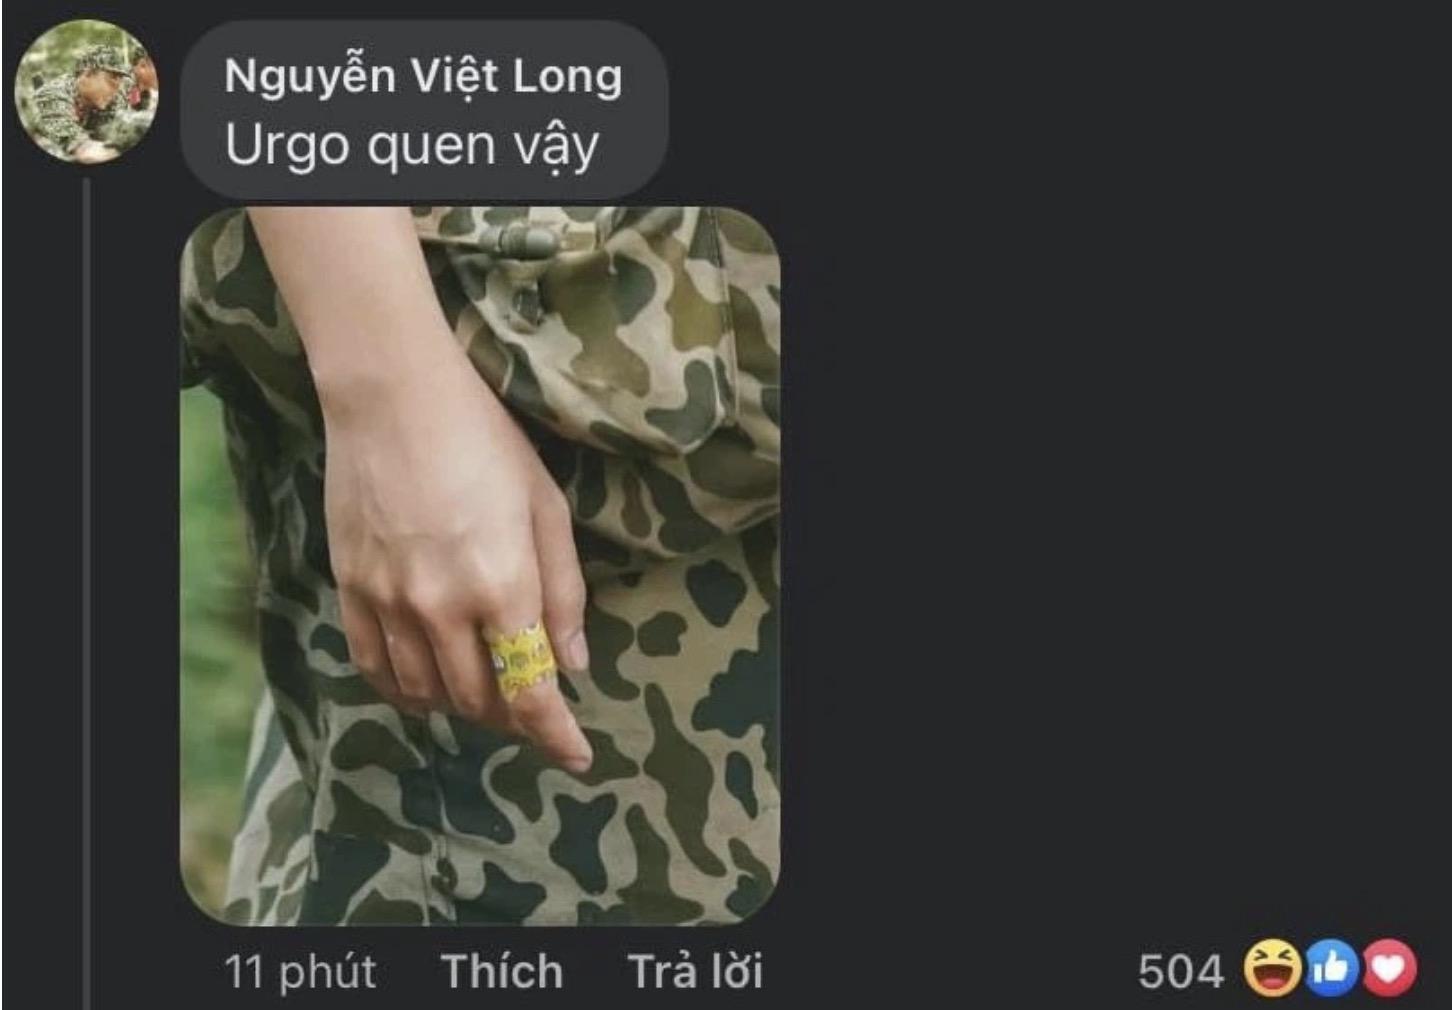 Dương Hoàng Yến tung MV mới, nhưng 'tín vật định tình' của Hậu Hoàng và mũi trưởng Long lại chiếm spotlight 4